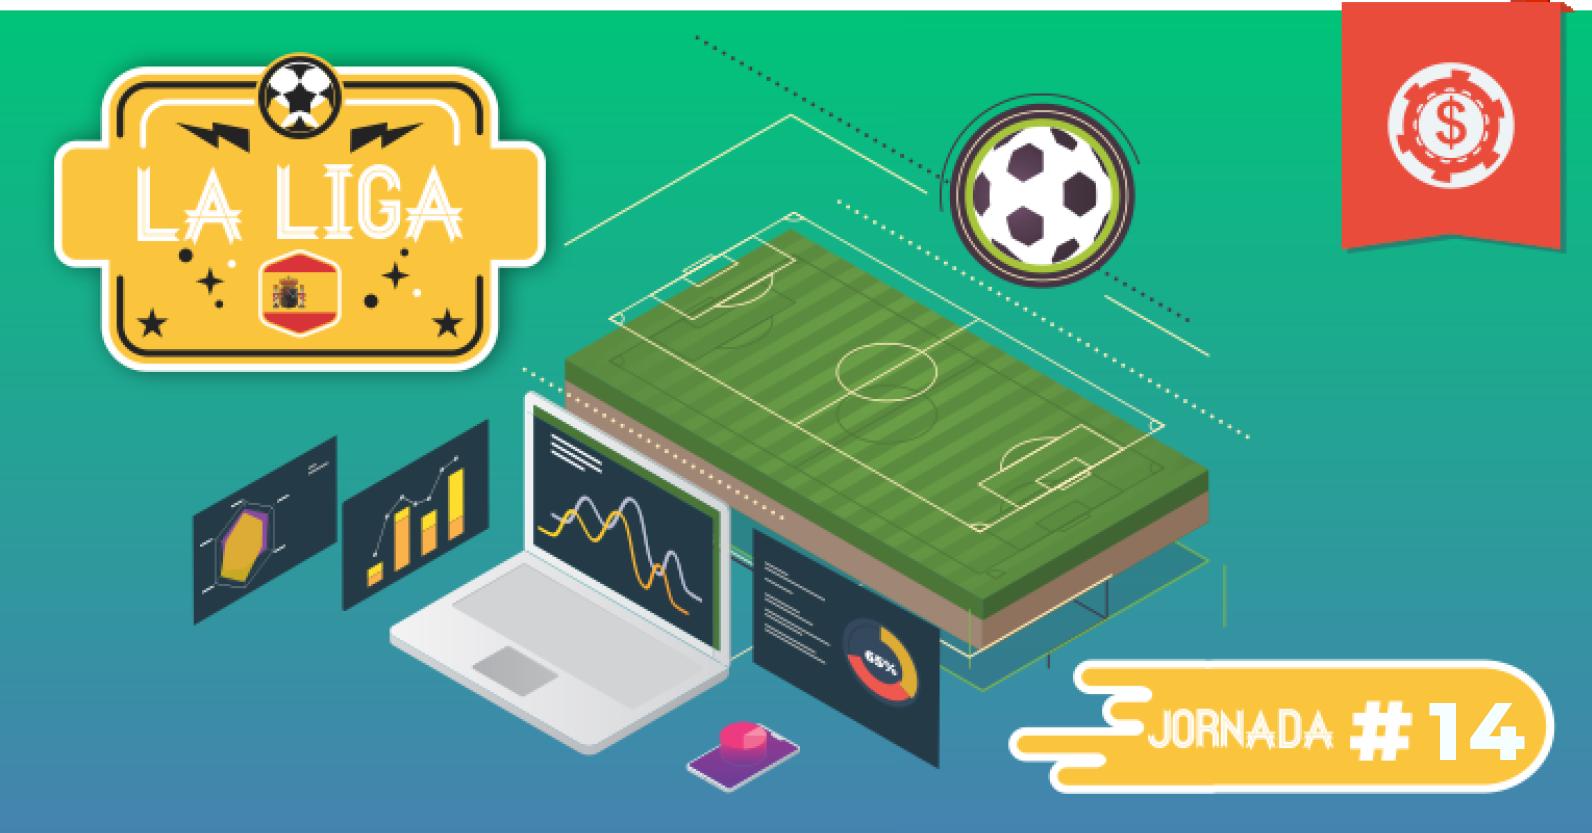 pronosticos-la-liga-espanola-apuestas-jornada-14-1